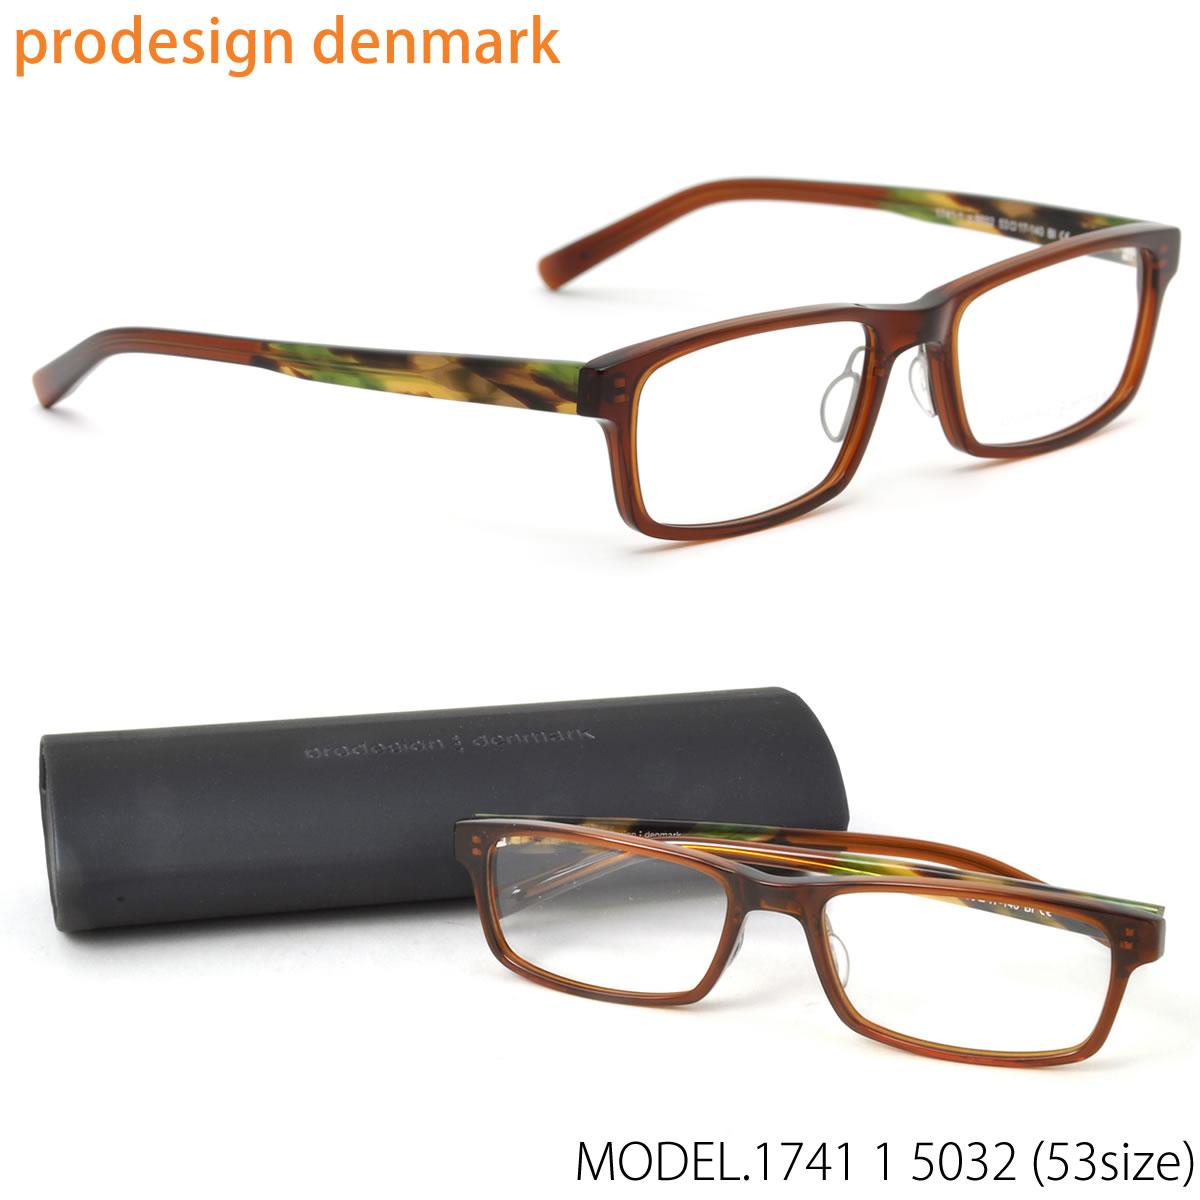 【10月30日からエントリーで全品ポイント20倍】prodesign:denmark(プロデザインデンマーク) メガネ フレーム 1741-1 5032 53 北欧 スクエア 伊達メガネレンズ無料 プロデザインデンマーク prodesign:denmark メンズ レディース【LOS30】